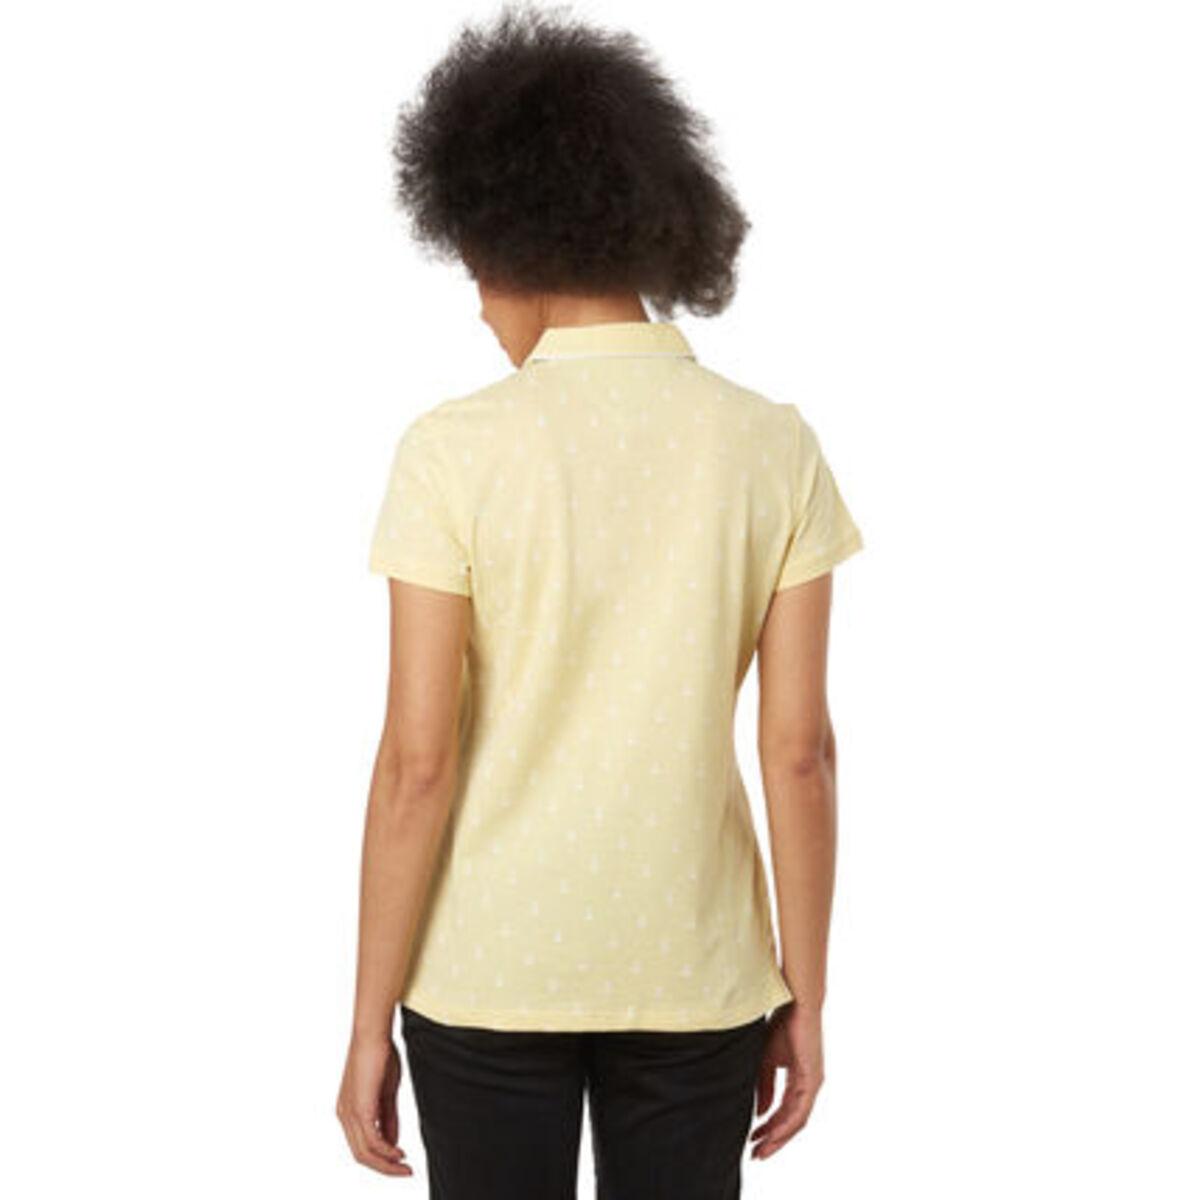 Bild 2 von Adagio Poloshirt, bedruckt, für Damen